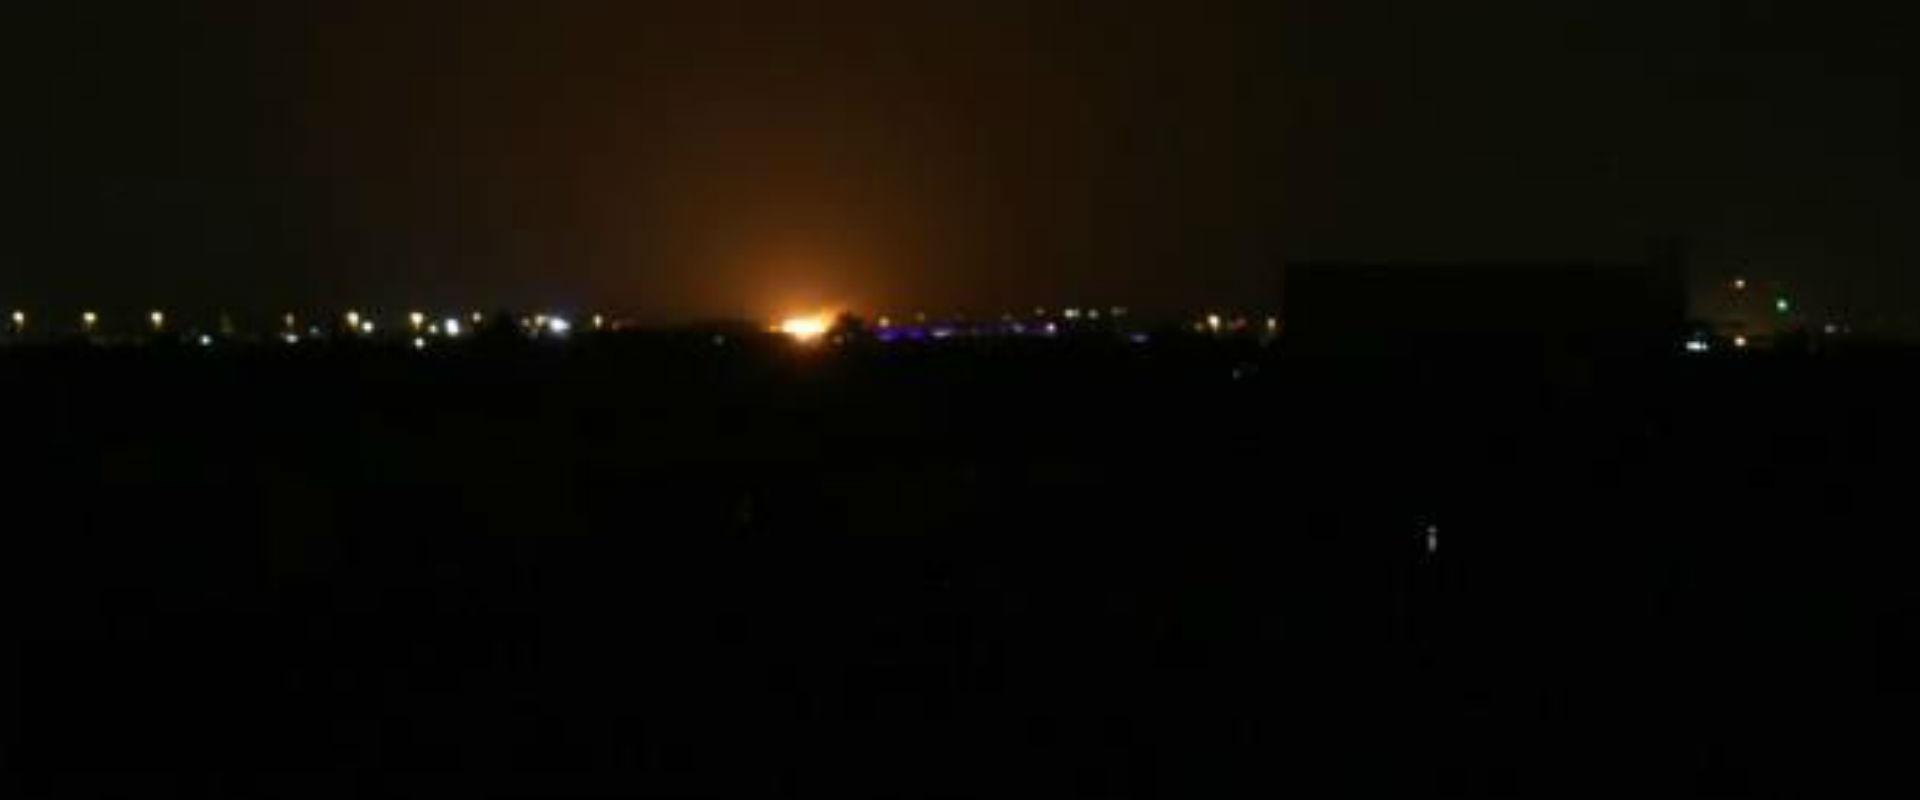 אתר התקיפה הלילה בדמשק